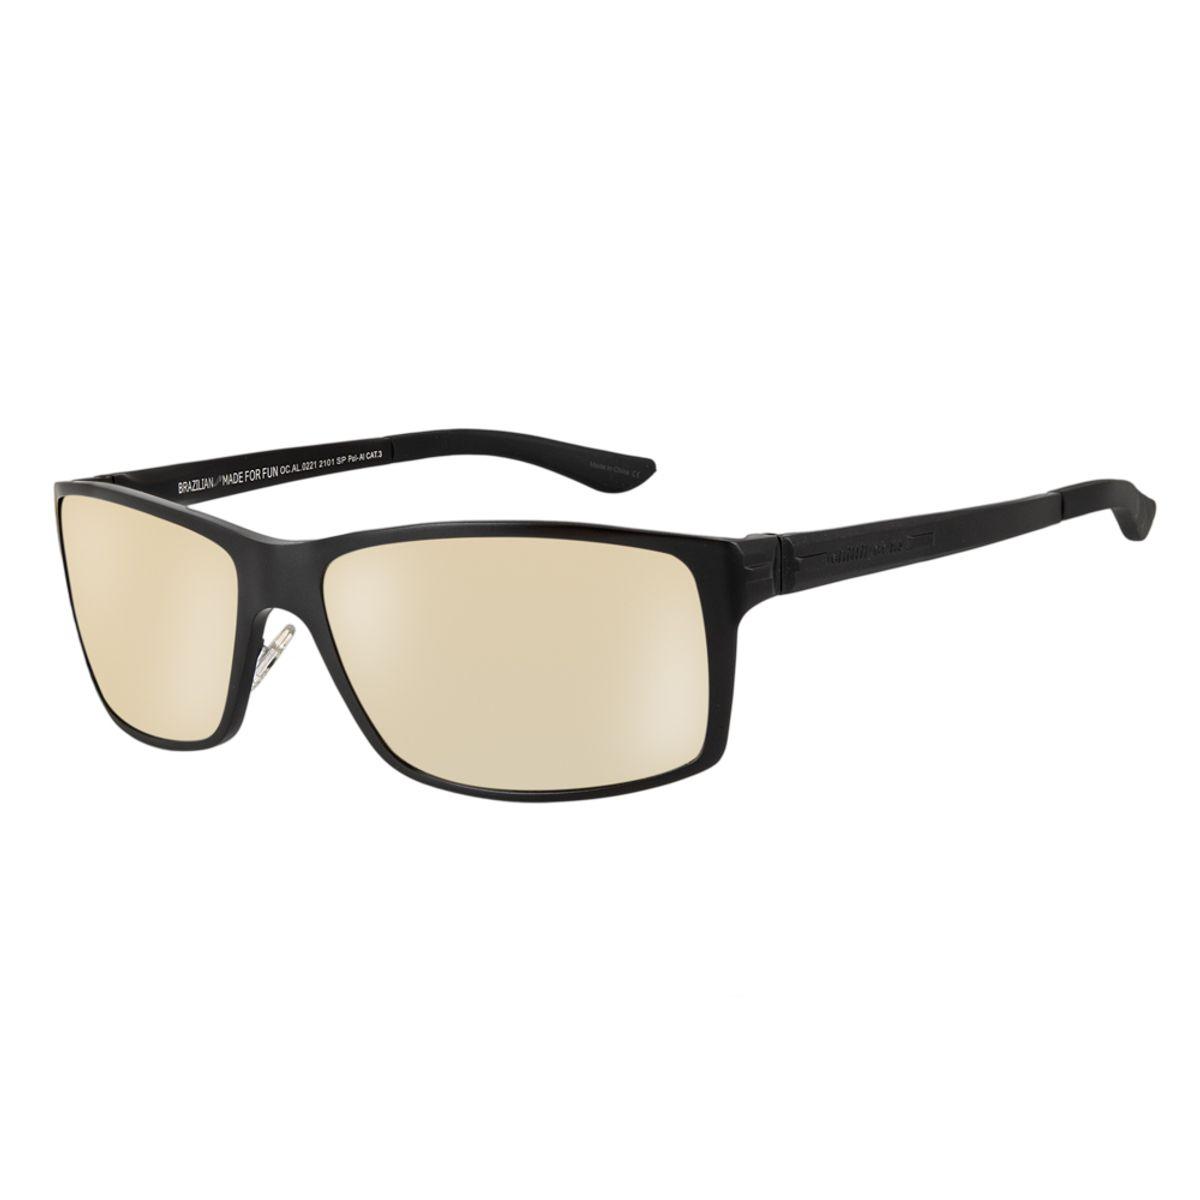 f3312f779 Óculos de Sol Chilli Beans Masculino Esportivo Polarizado Preto 0221 -  OC.AL.0221.2101 M. REF: OC.AL.0221.2101. OC.